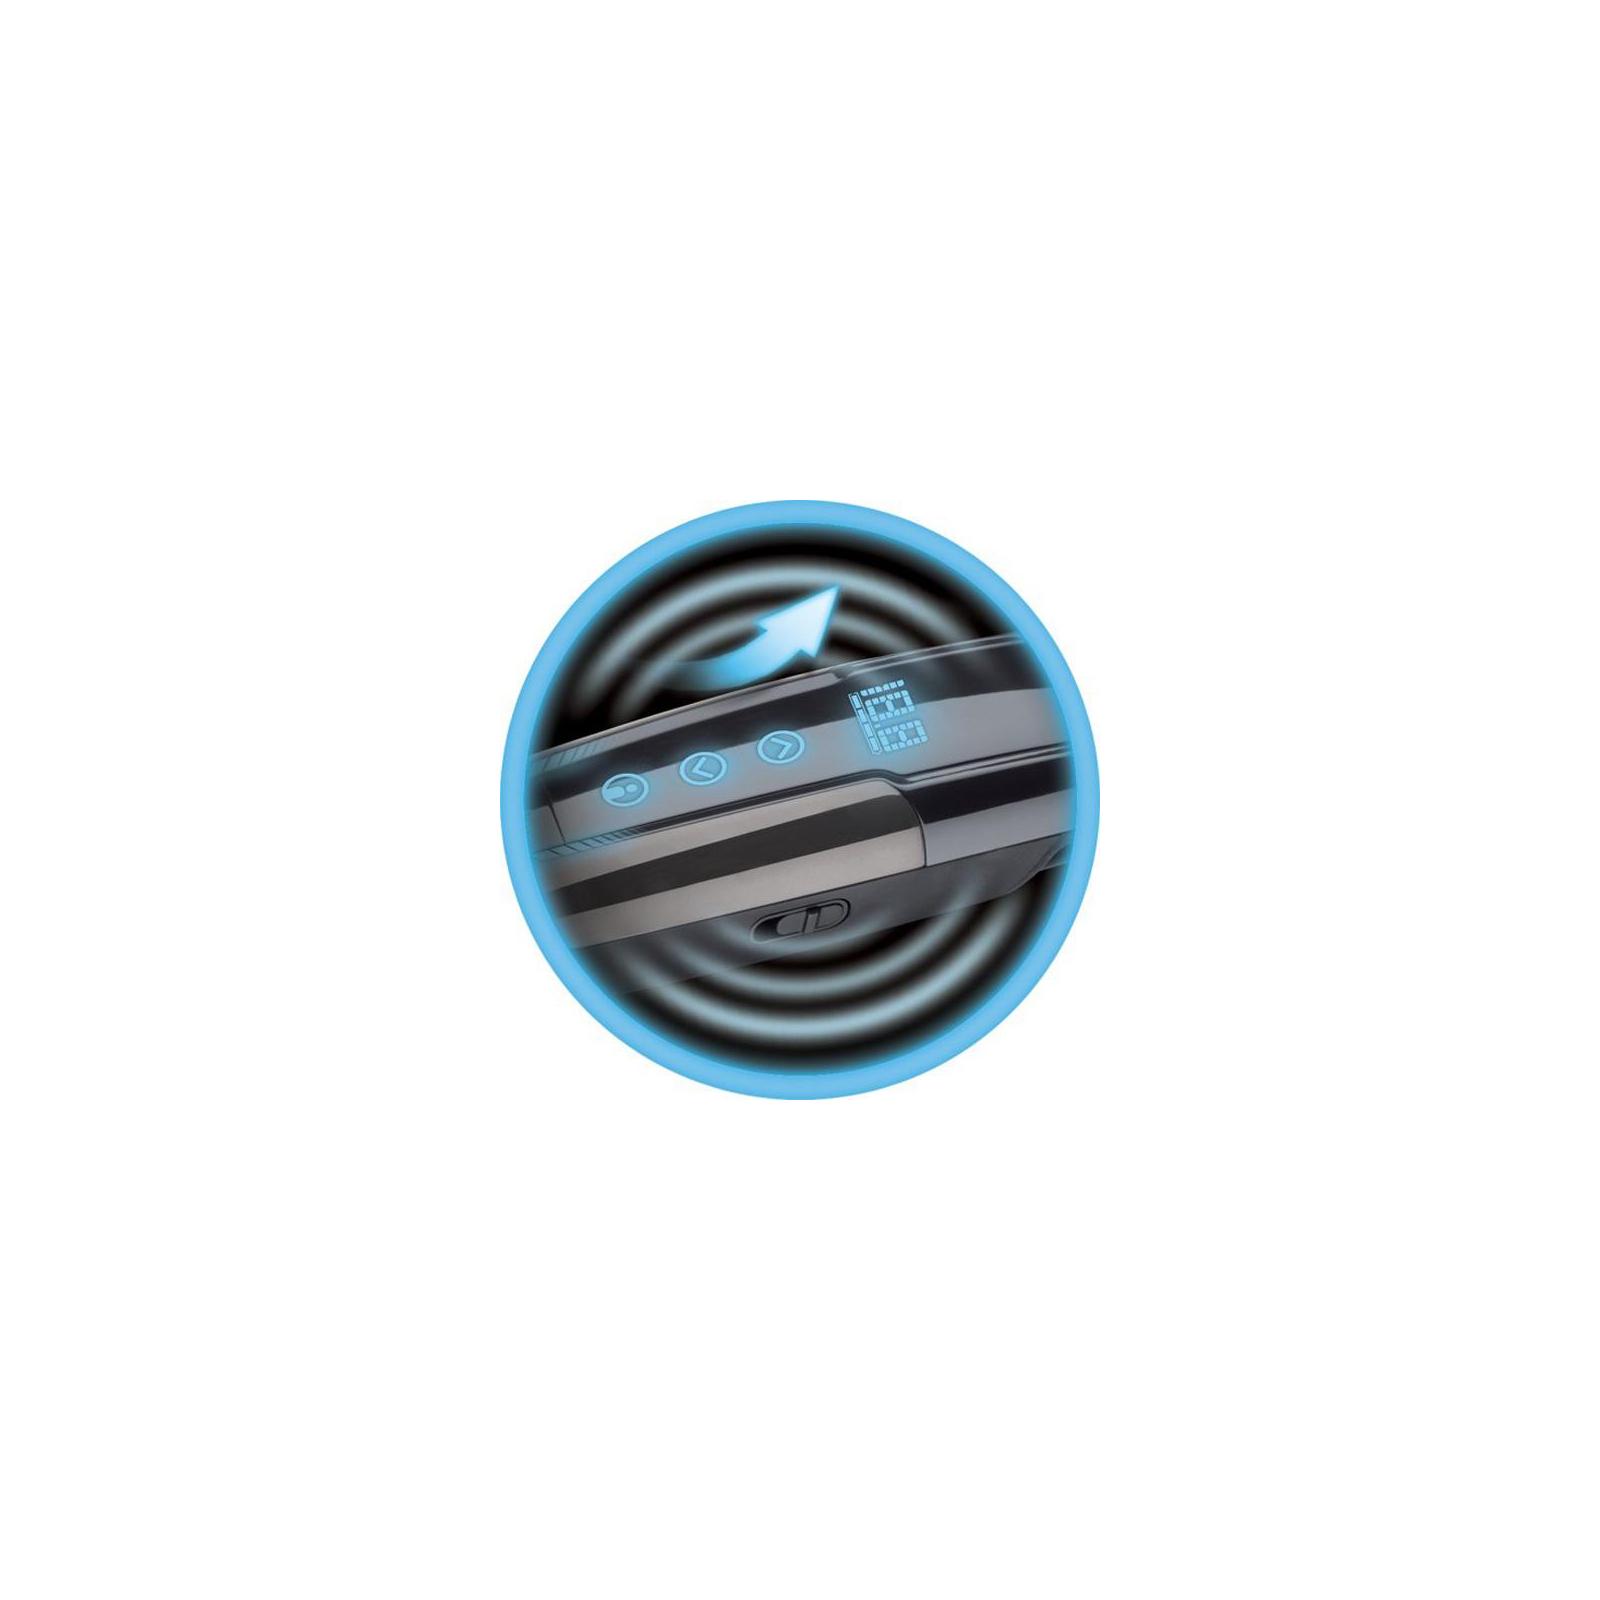 Триммер Remington TouchTech (MB4700) изображение 3